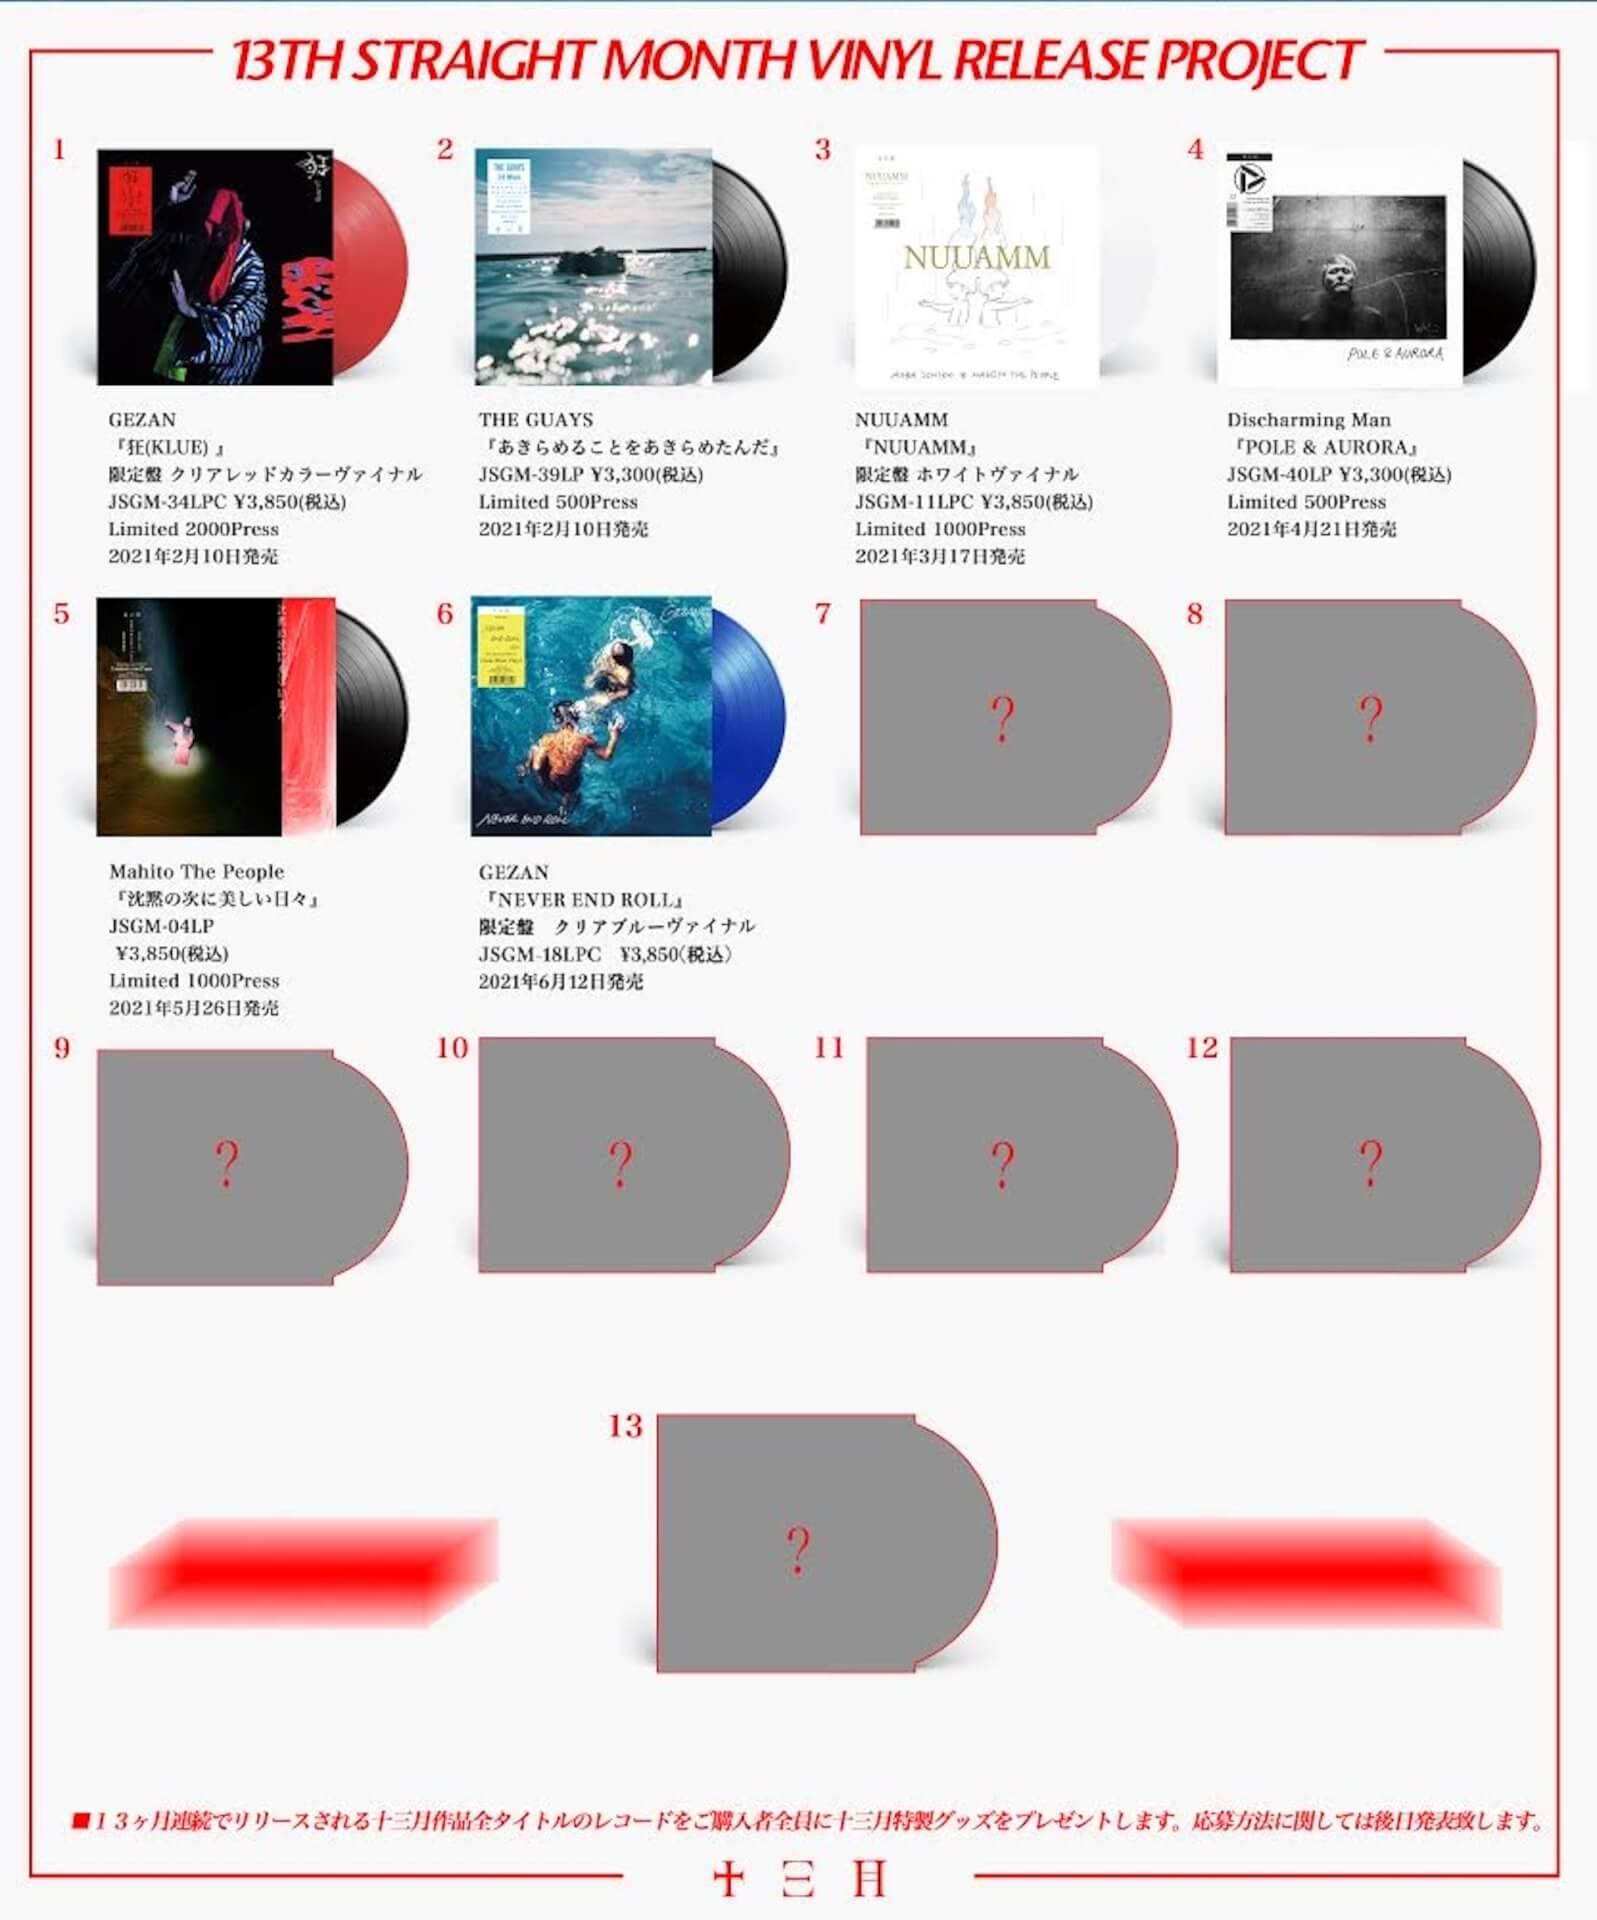 〈十三月〉作品のレコード盤が13ヶ月連続リリース第6弾にGEZANの3rdアルバム『NEVER END ROLL』が登場! music210408_jusangatsu-210408_2